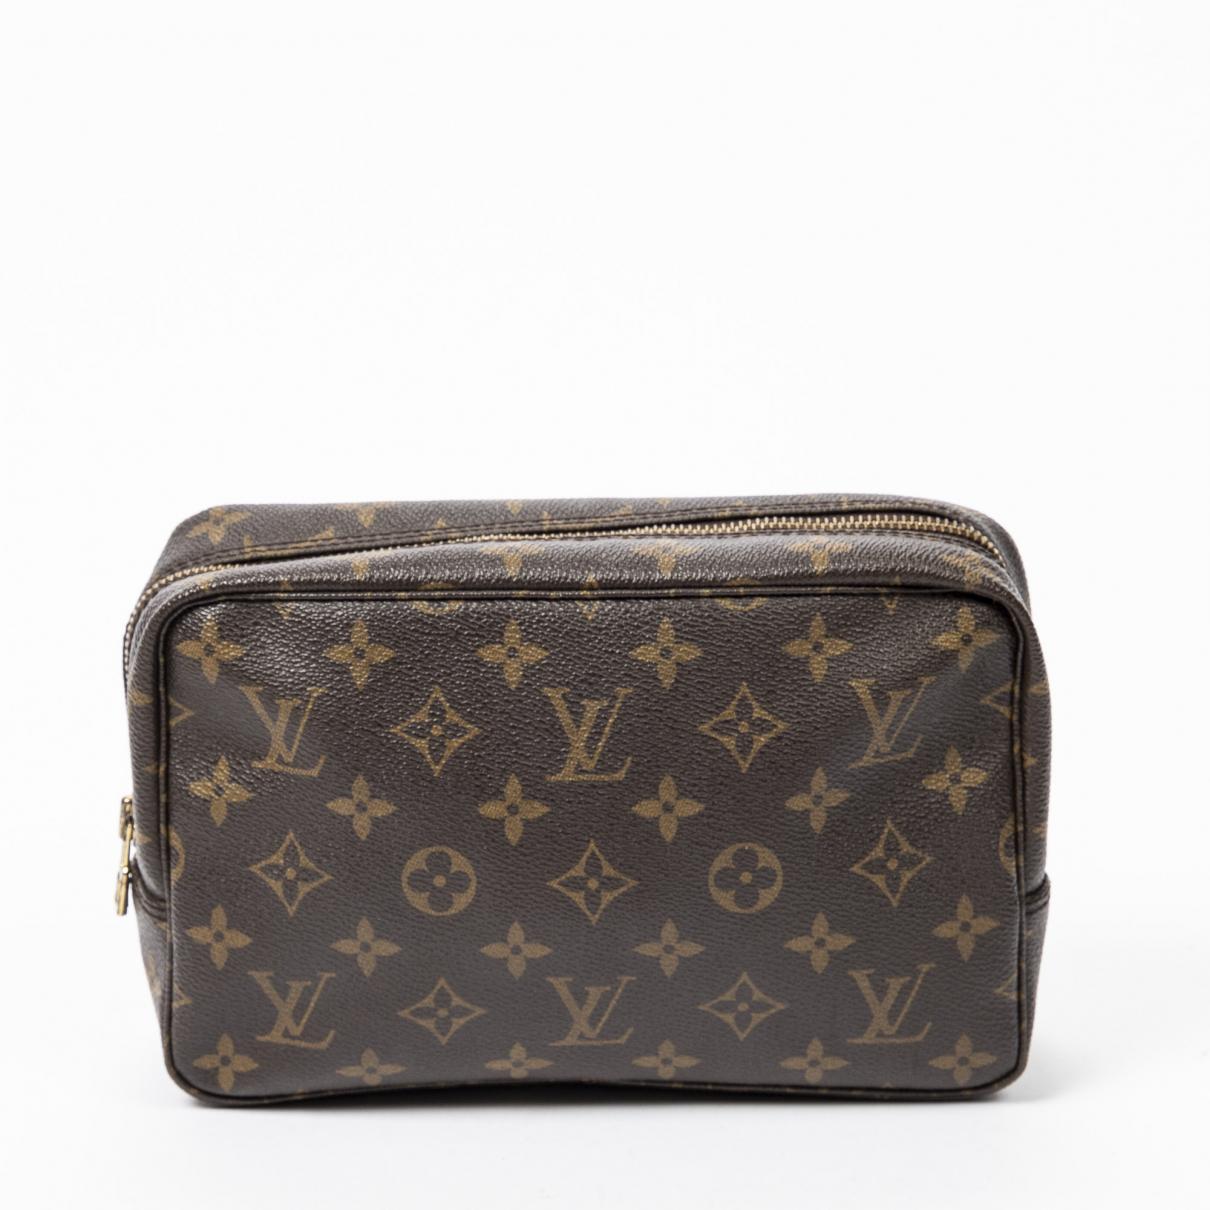 Louis Vuitton \N Brown Cotton Clutch bag for Women \N